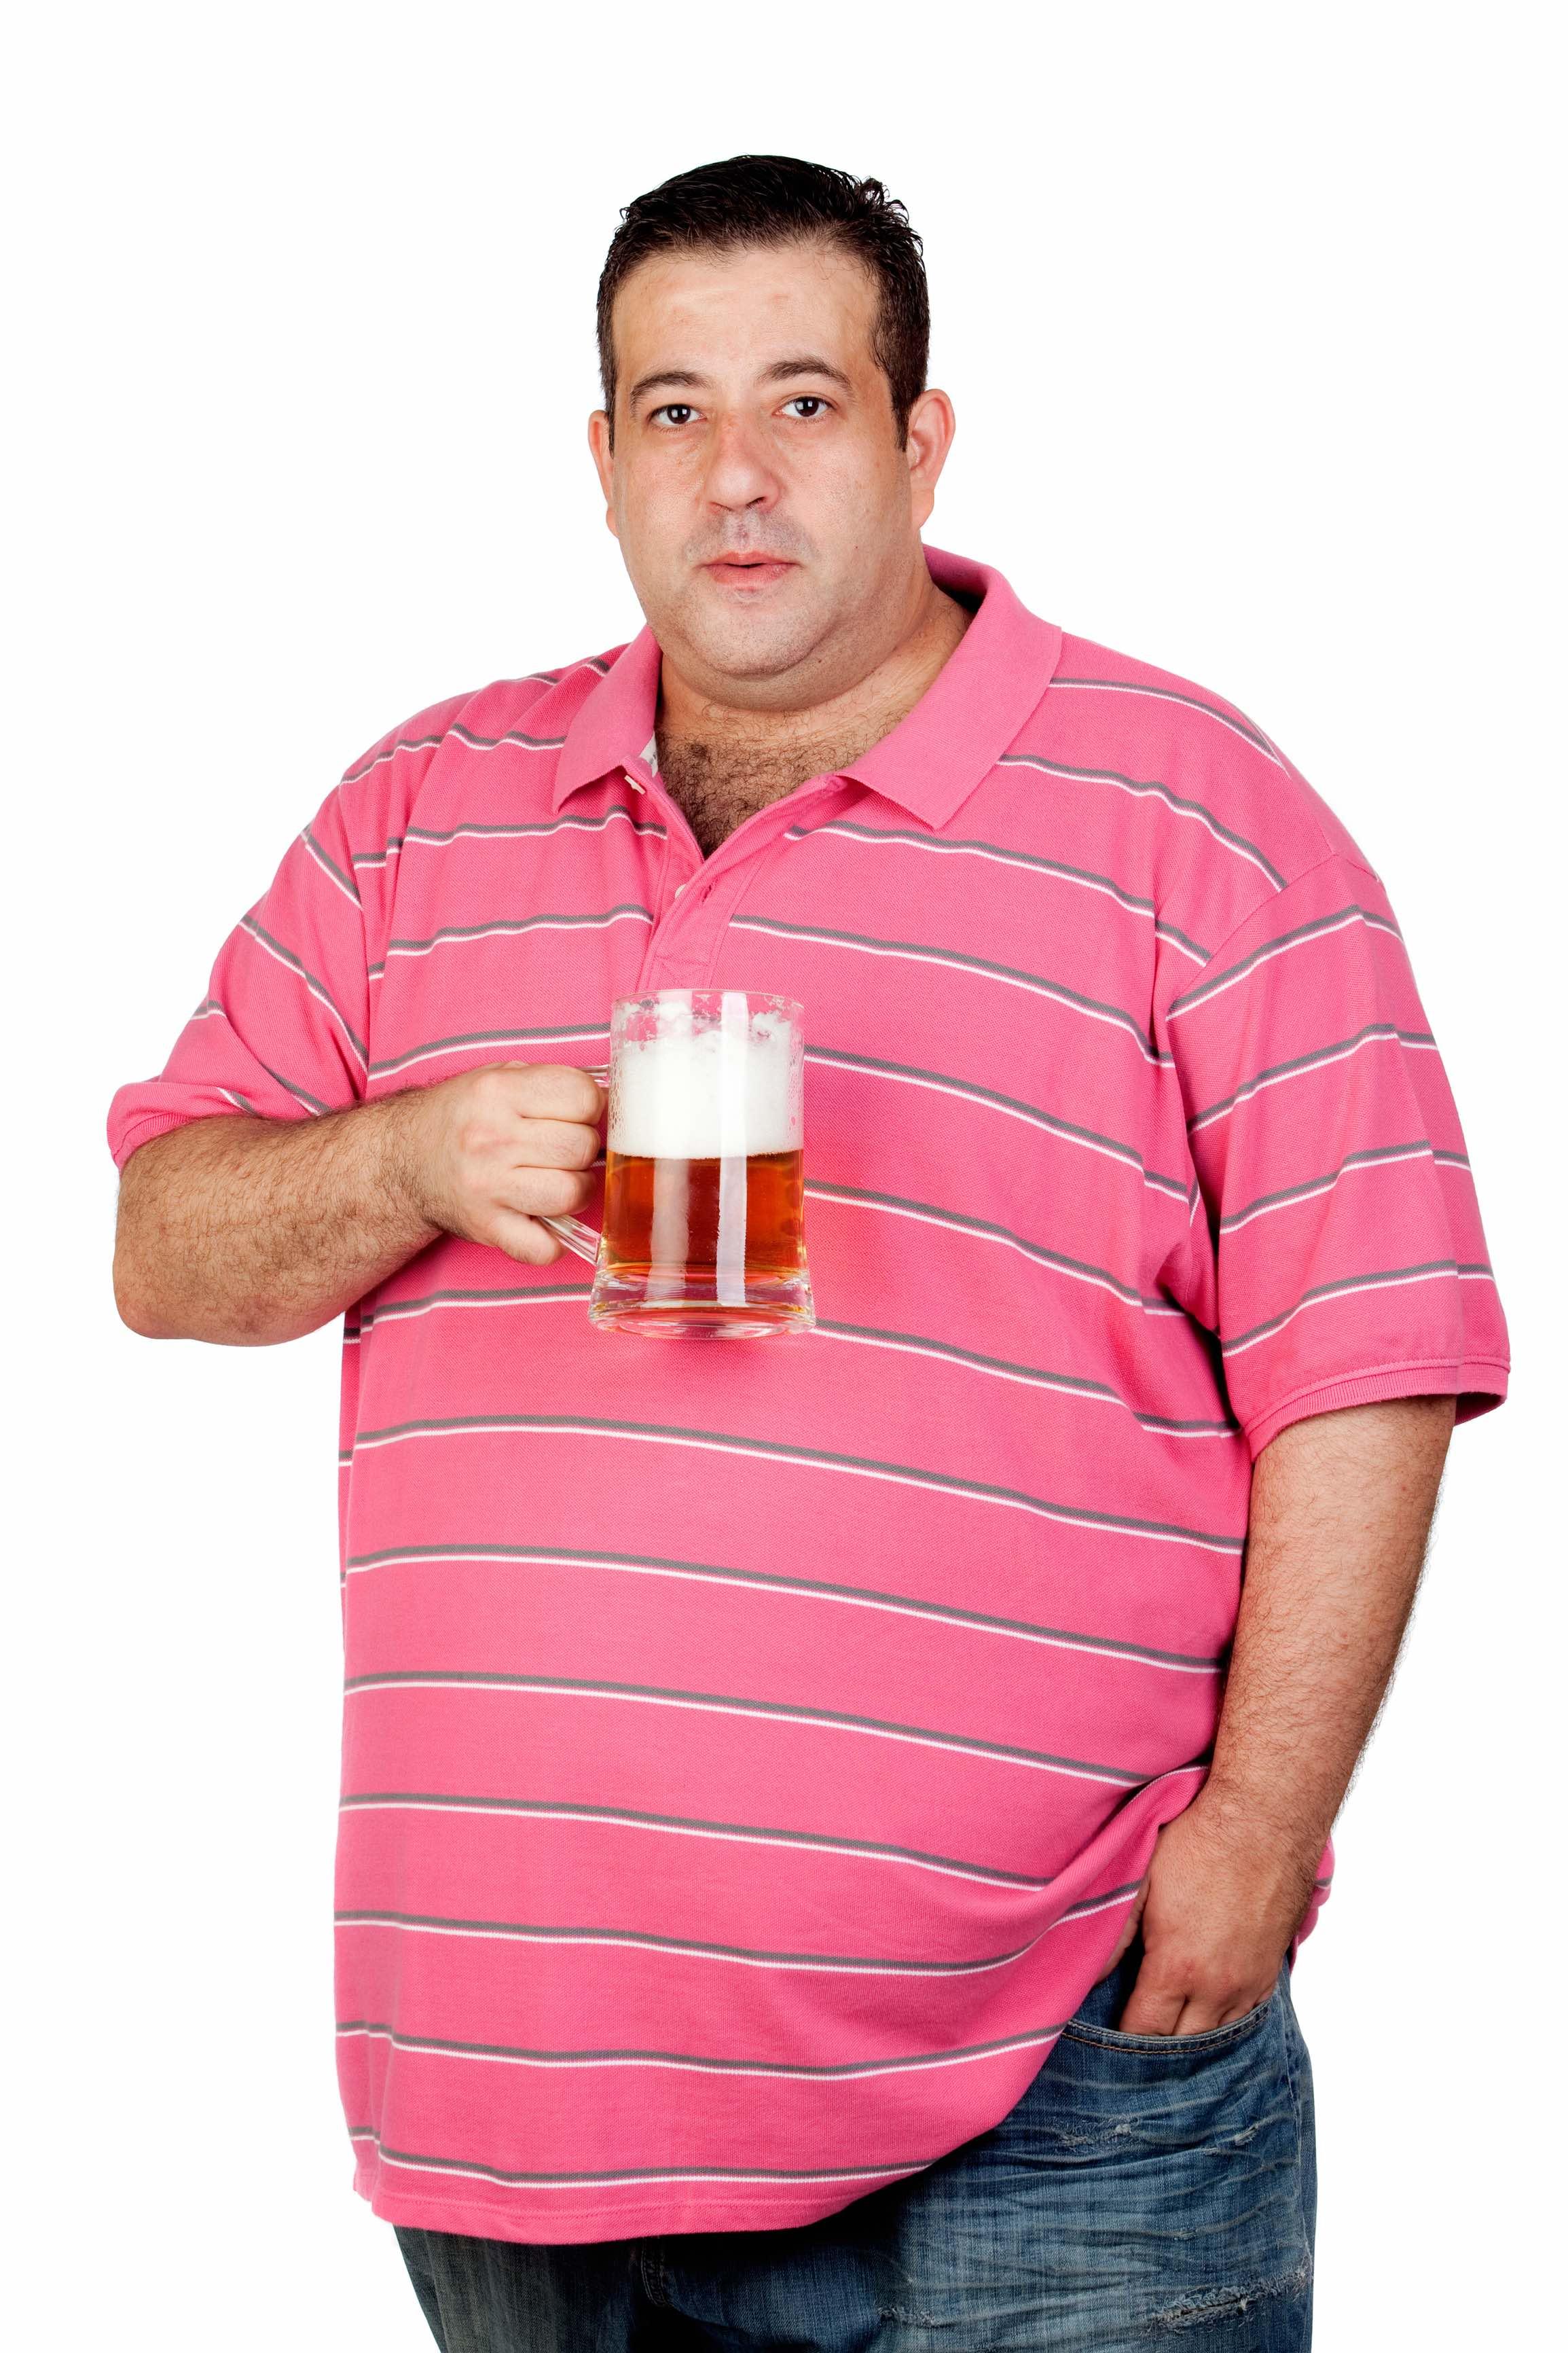 Порно видео трахает толстушку в позе лотоса 56